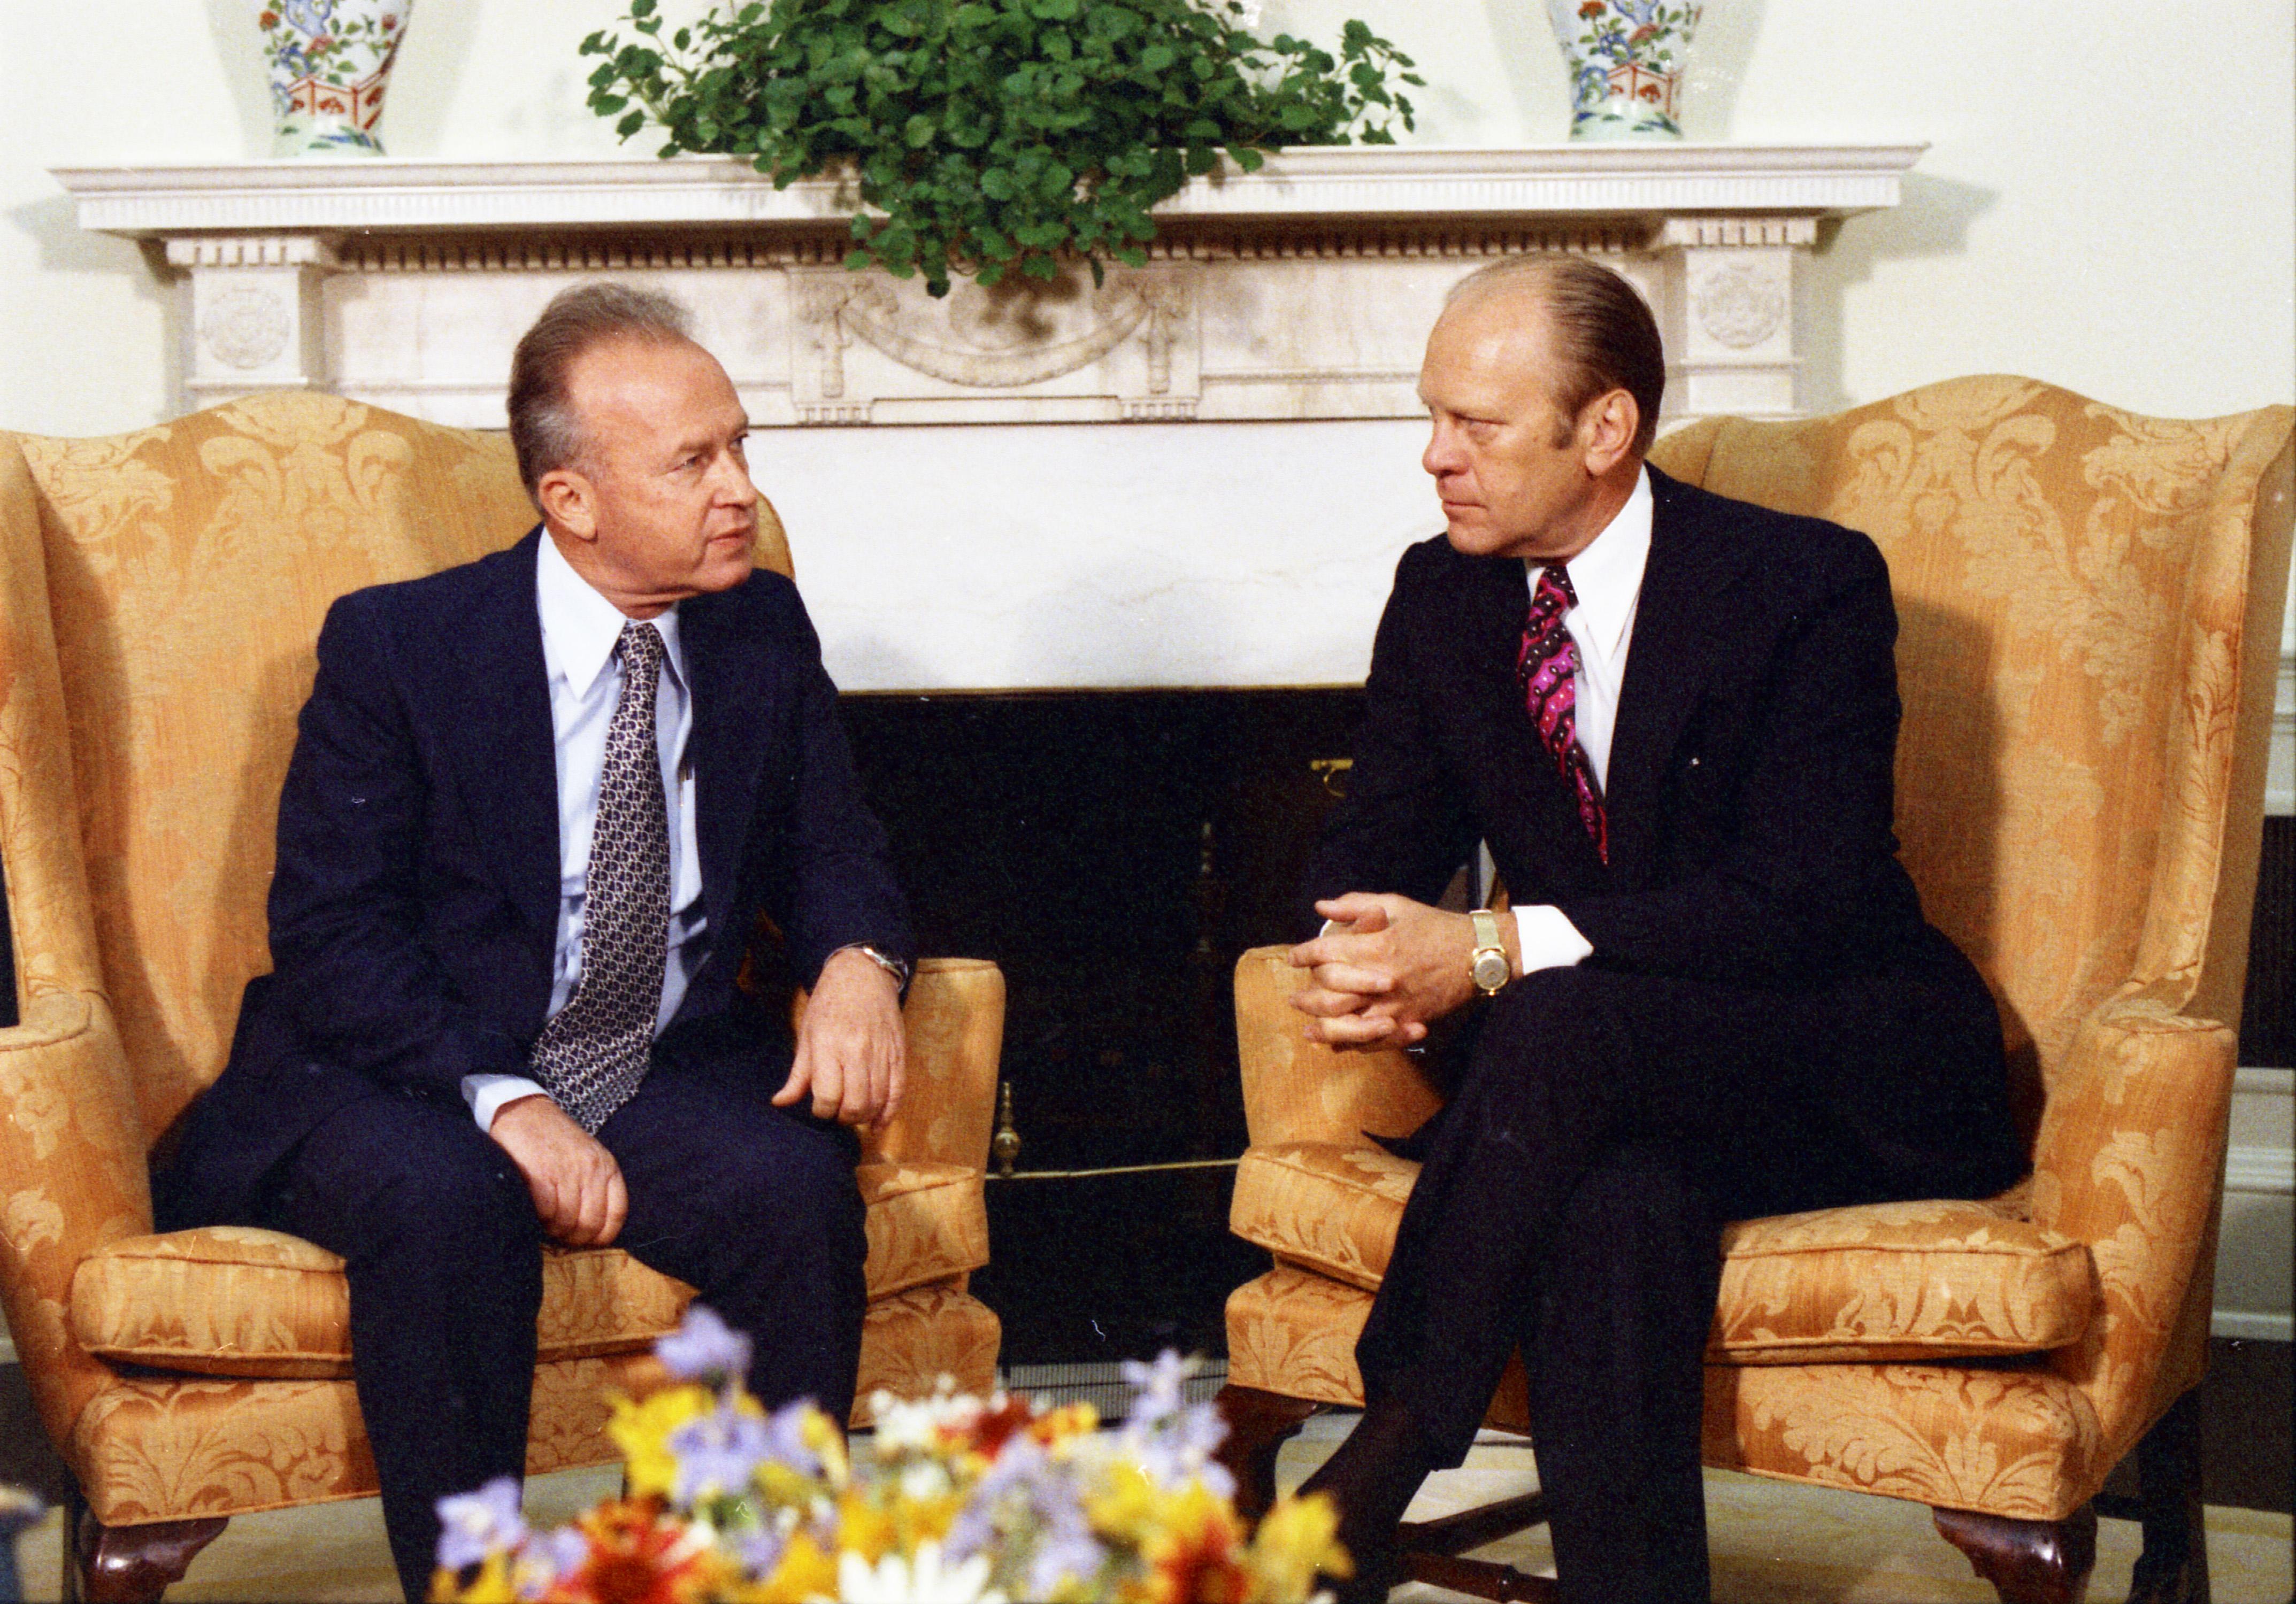 OMNIA - Yitzhak Rabin